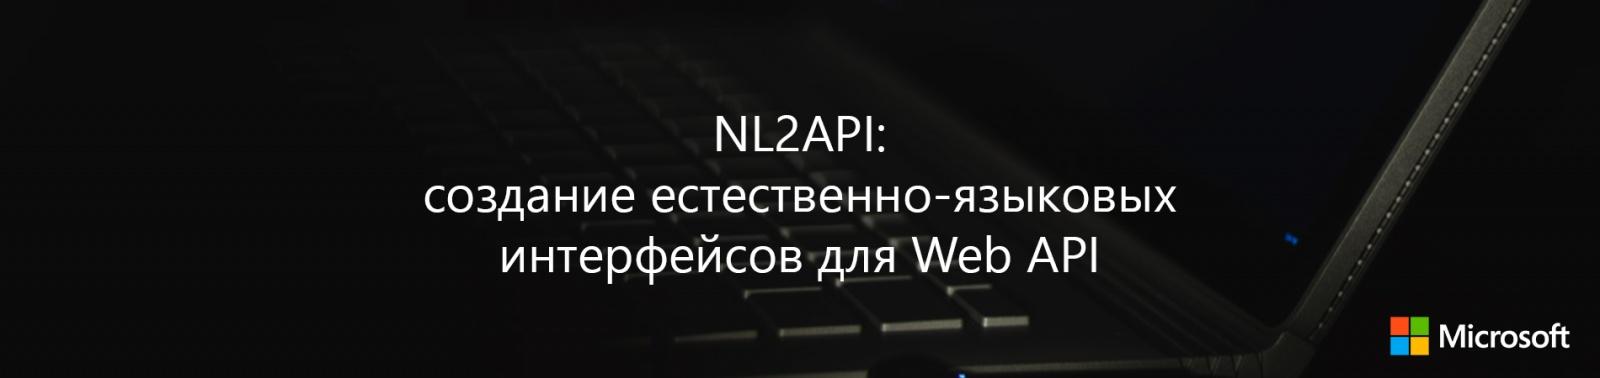 NL2API: создание естественно-языковых интерфейсов для Web API - 1